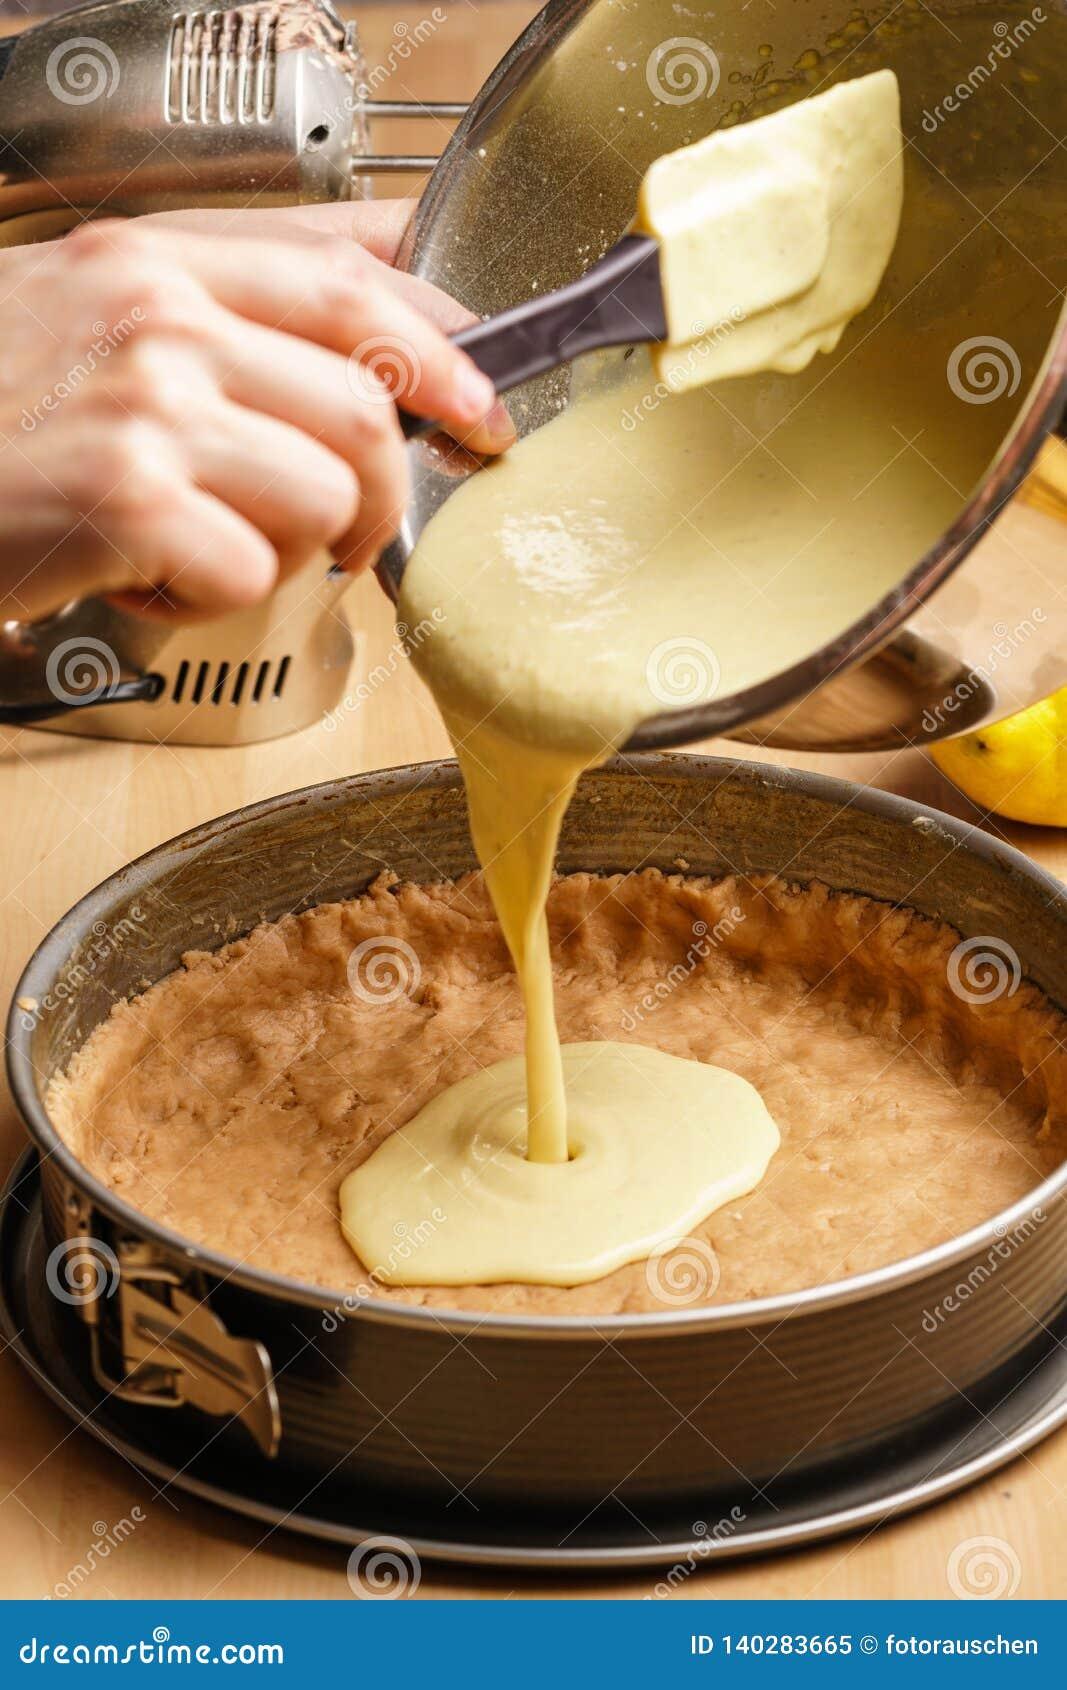 Proces om een heerlijke citroenkaastaart te maken - gietend deeg